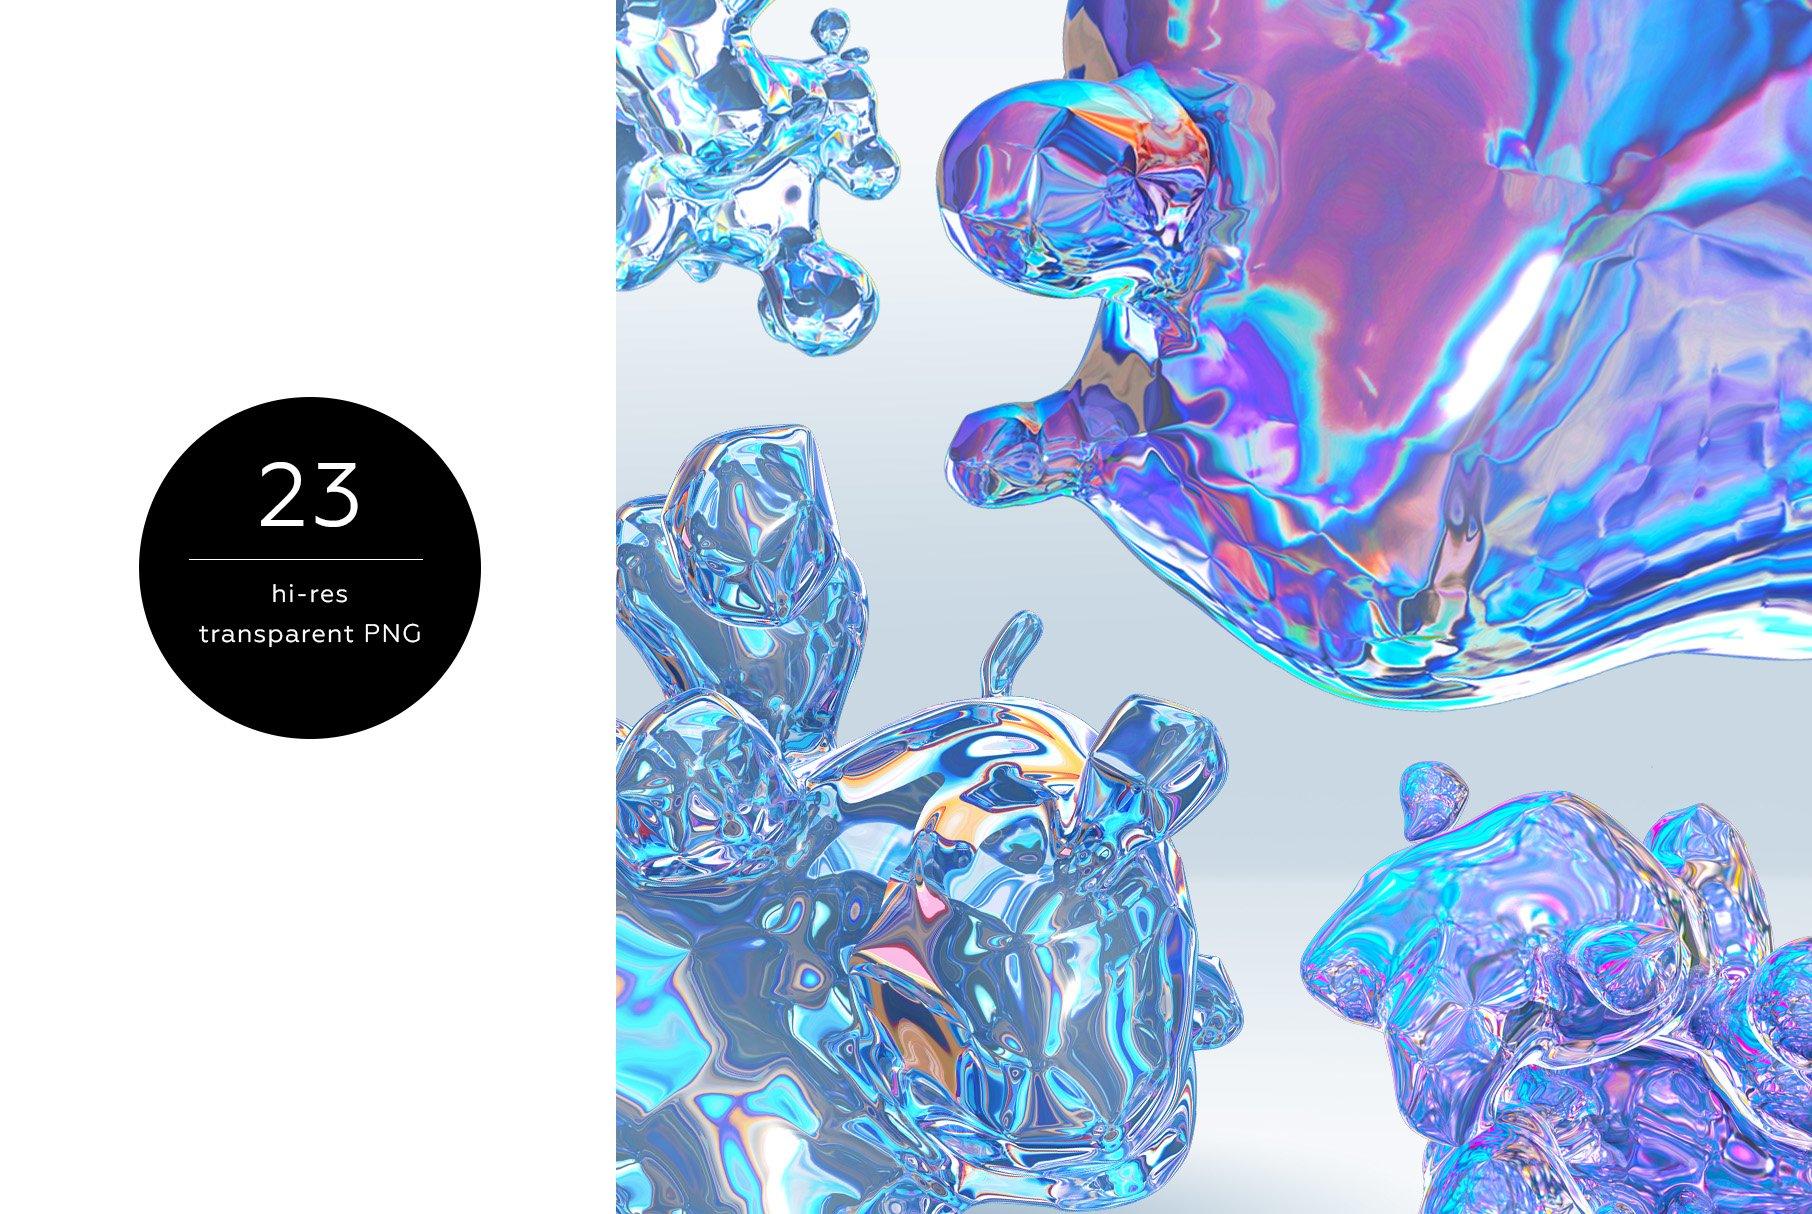 [淘宝购买] 23款抽象全息渐变不规则碎裂3D水滴流体图形设计素材 FOIL SHAPES Color Version插图(1)